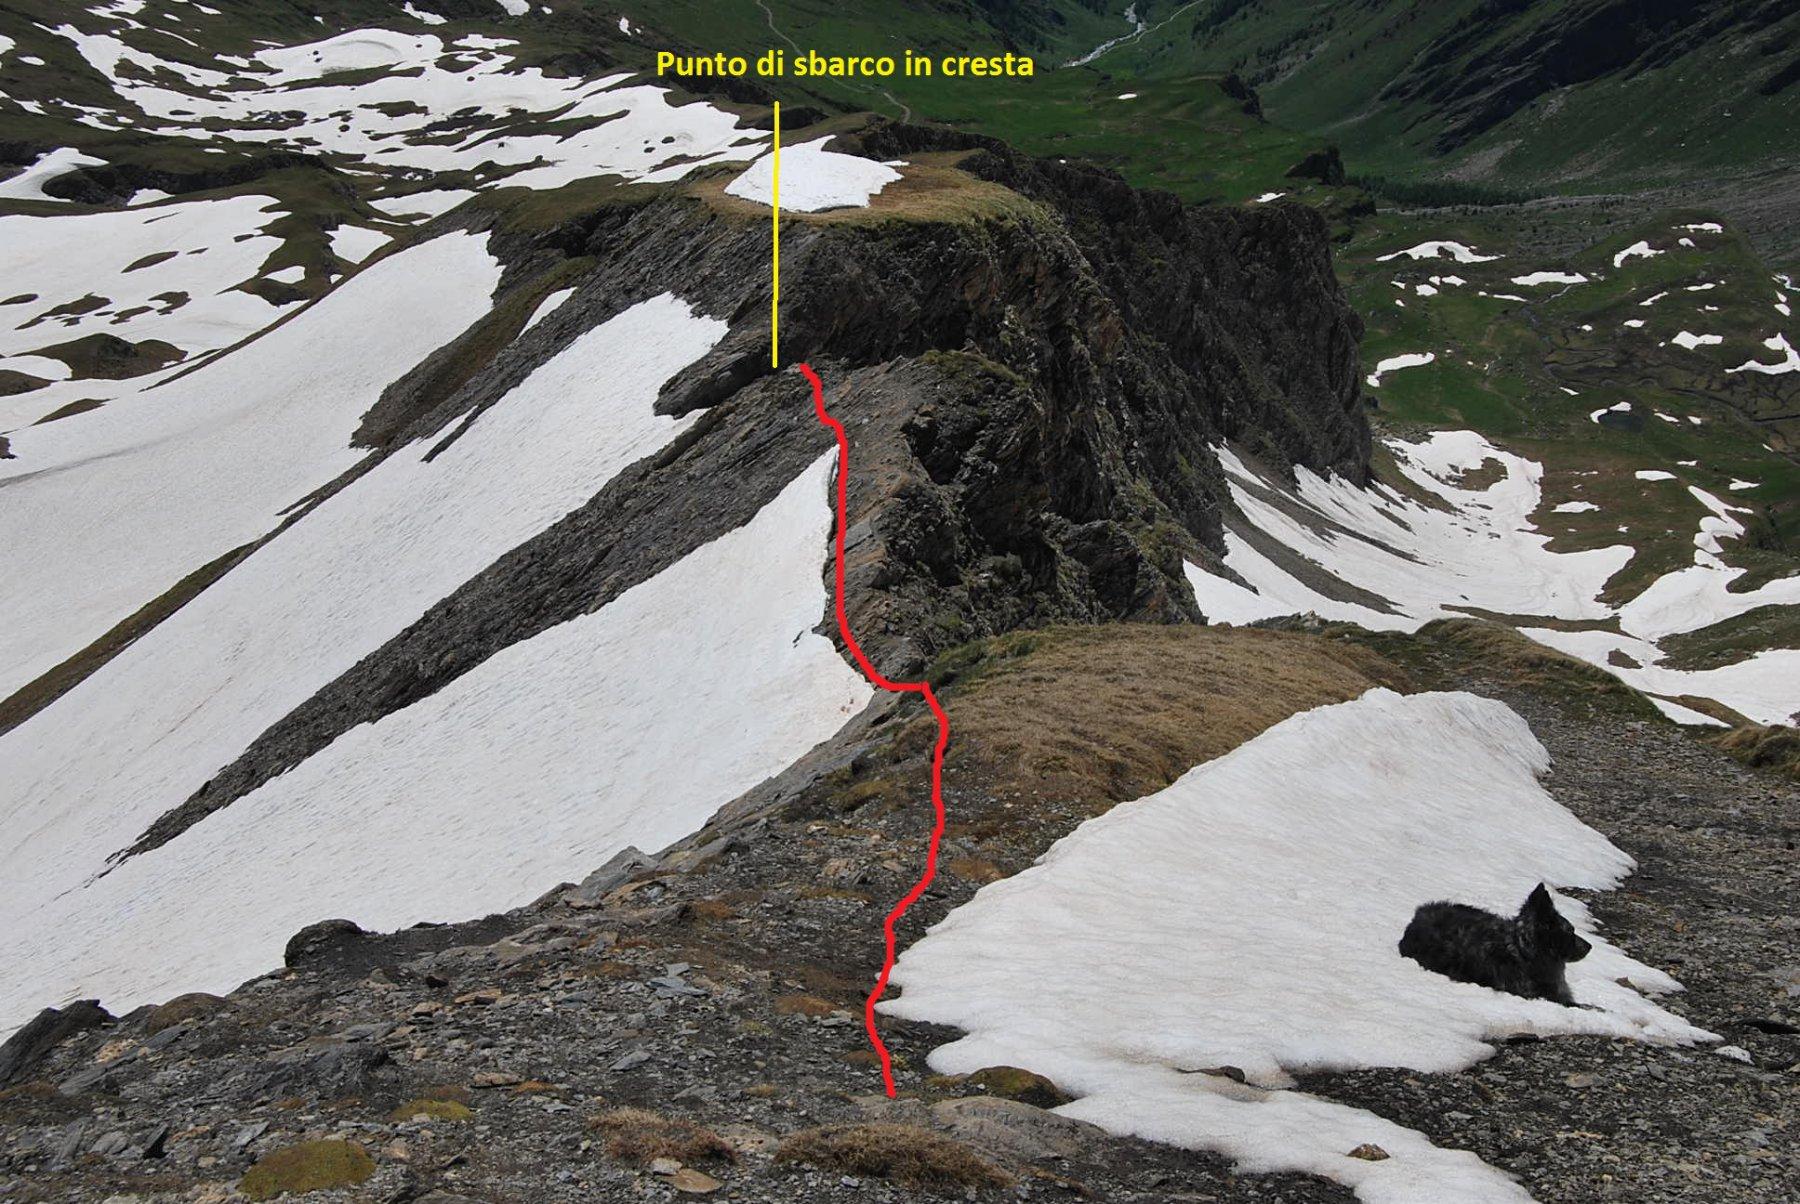 Visti salendo, il punto di sbarco e il percorso in cresta